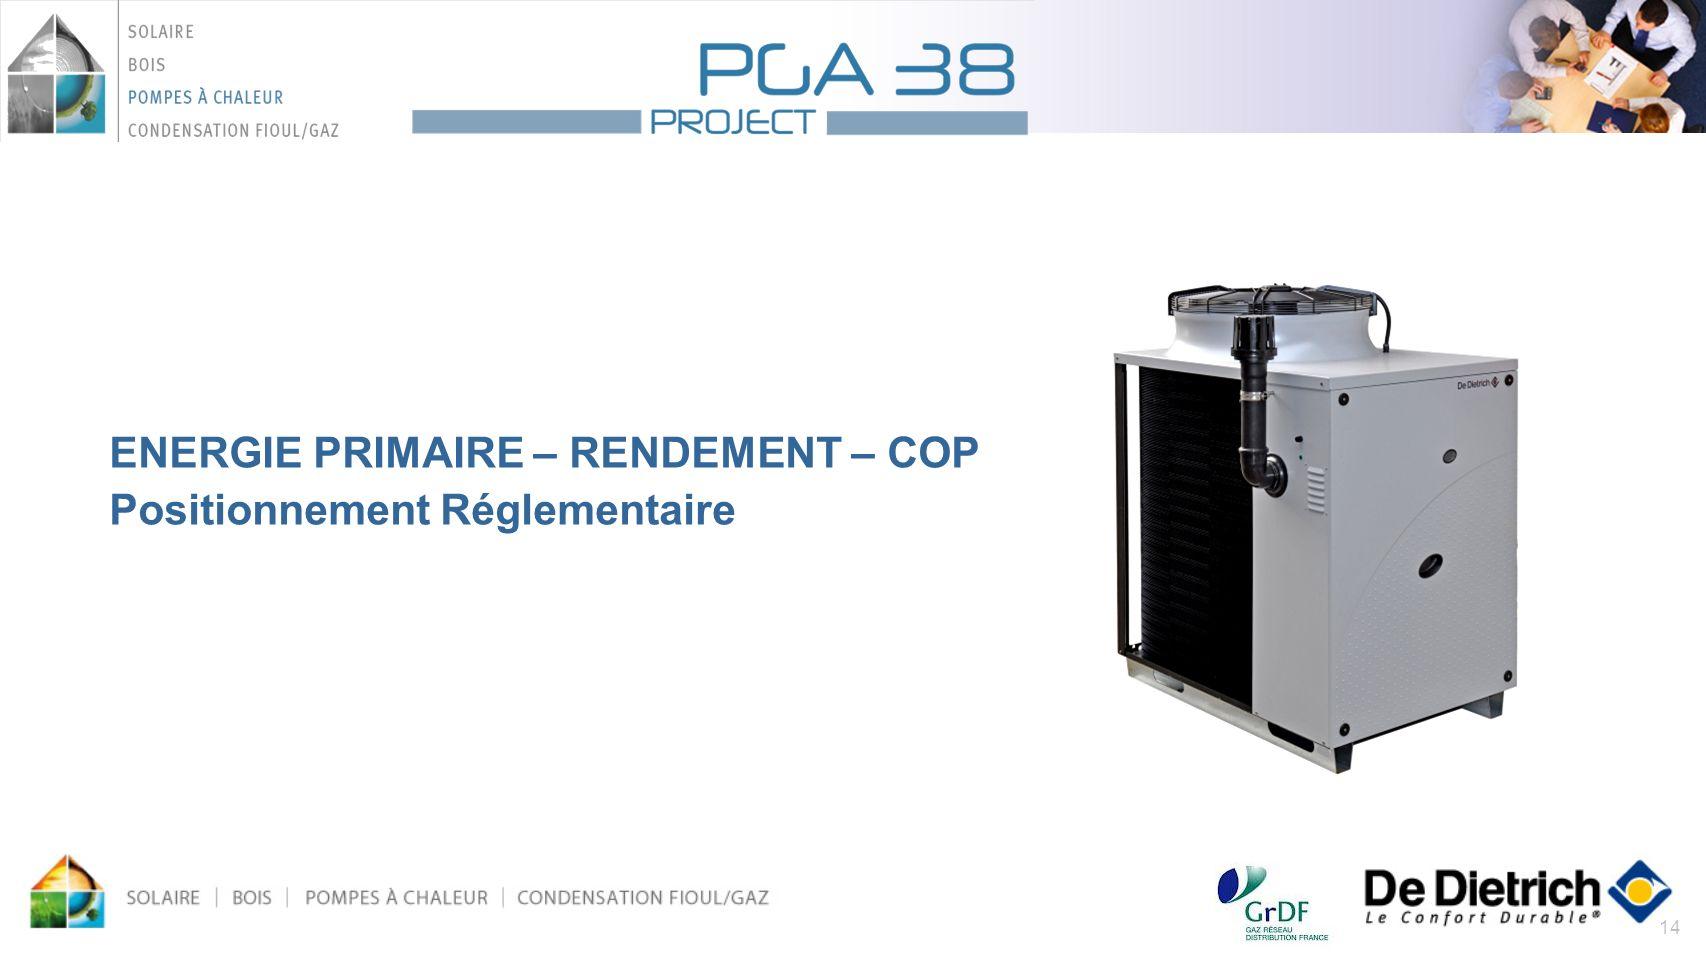 ENERGIE PRIMAIRE – RENDEMENT – COP